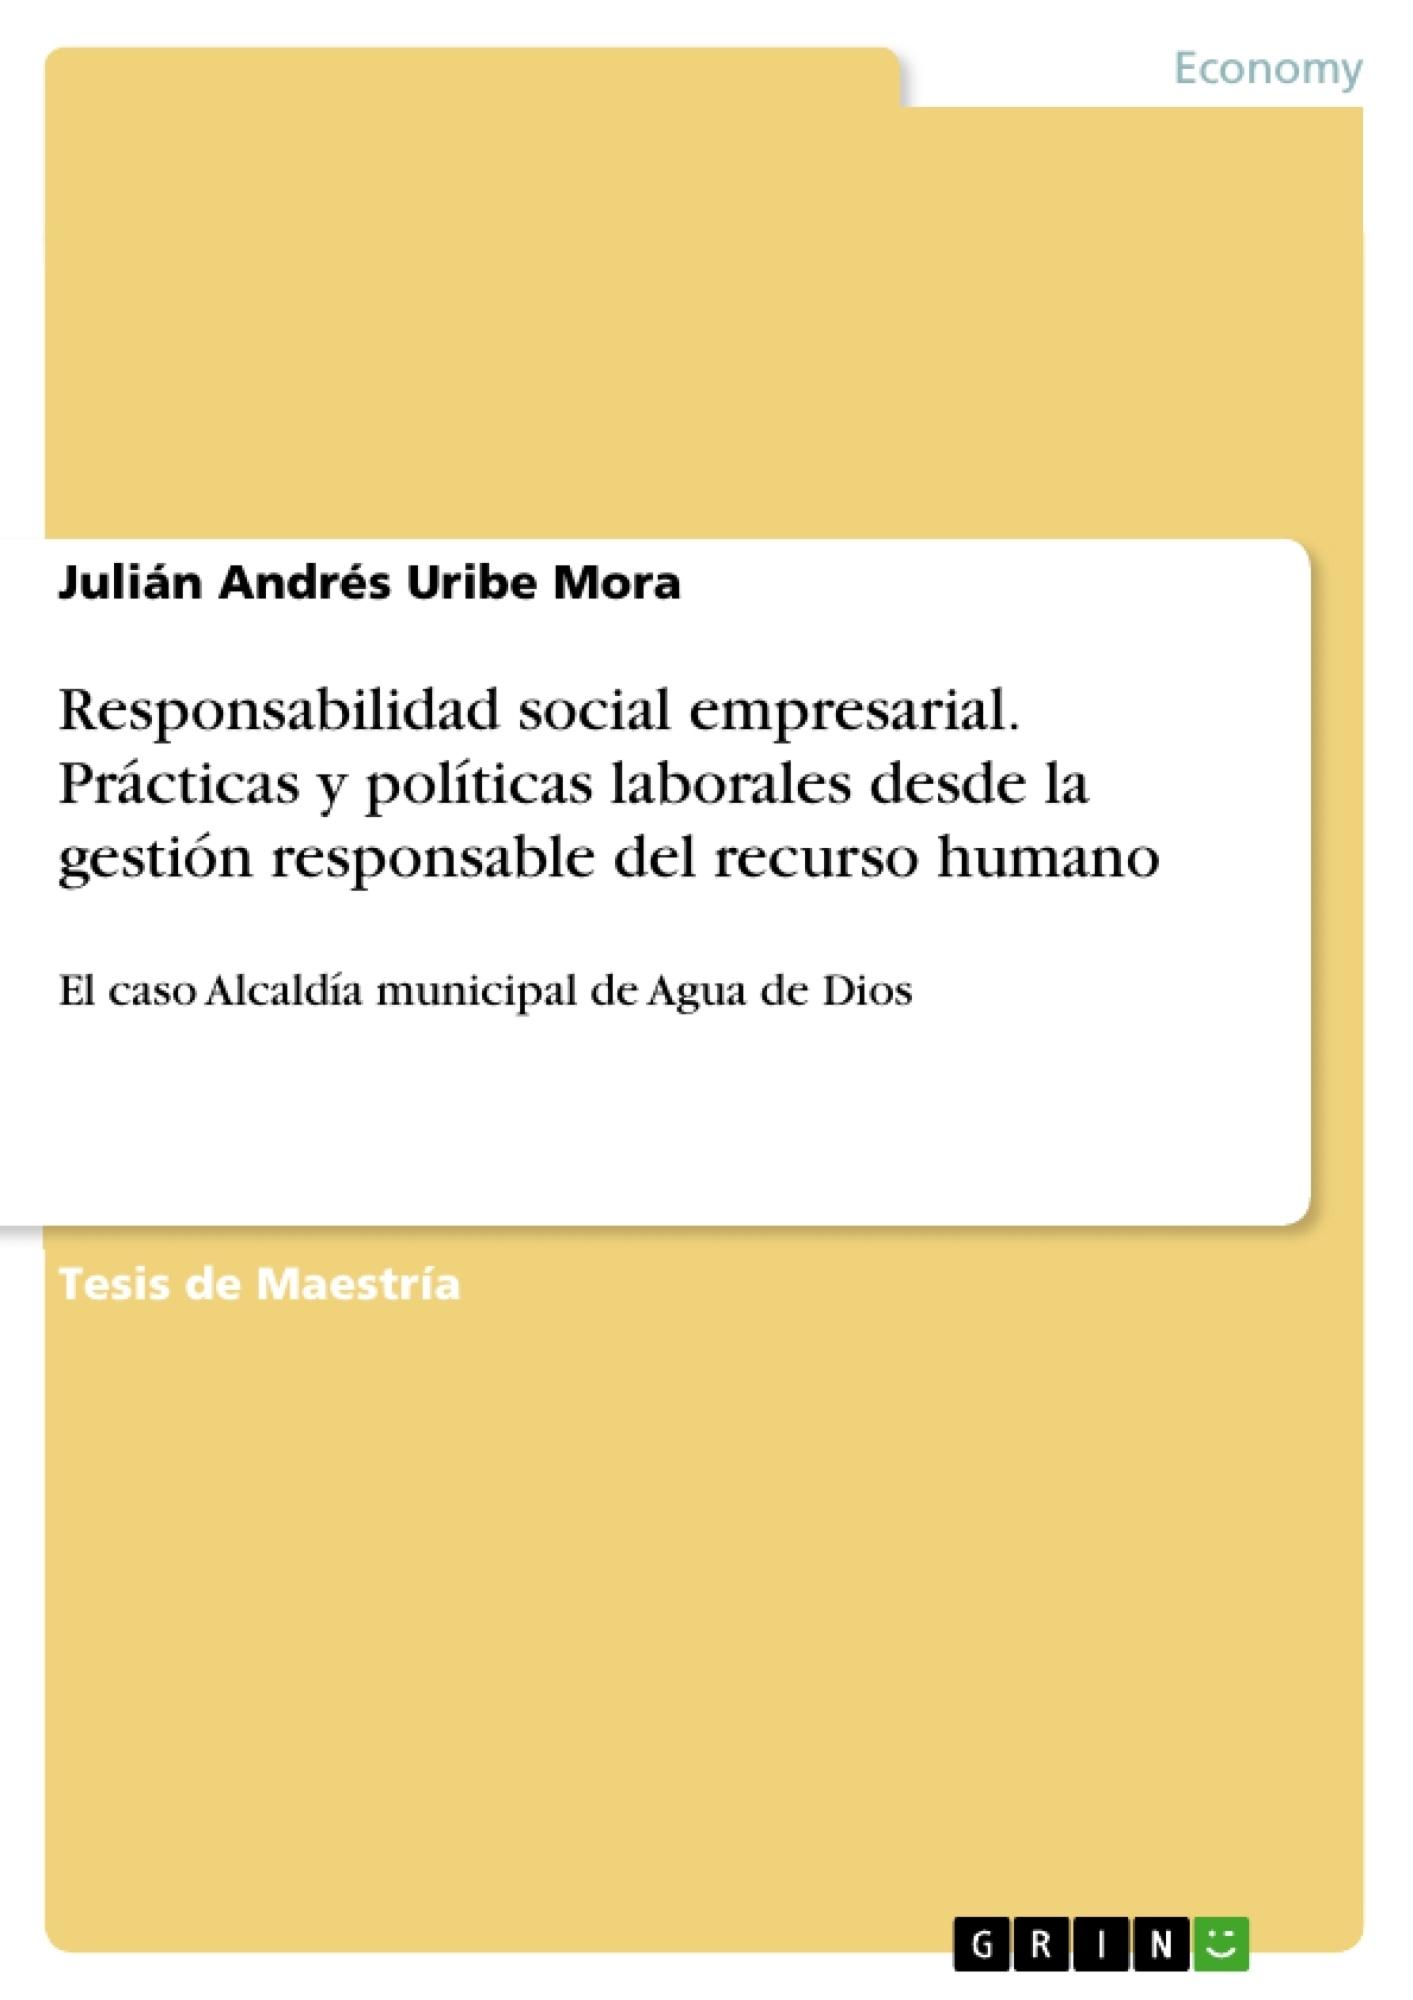 Título: Responsabilidad social empresarial. Prácticas y políticas laborales desde la gestión responsable del recurso humano